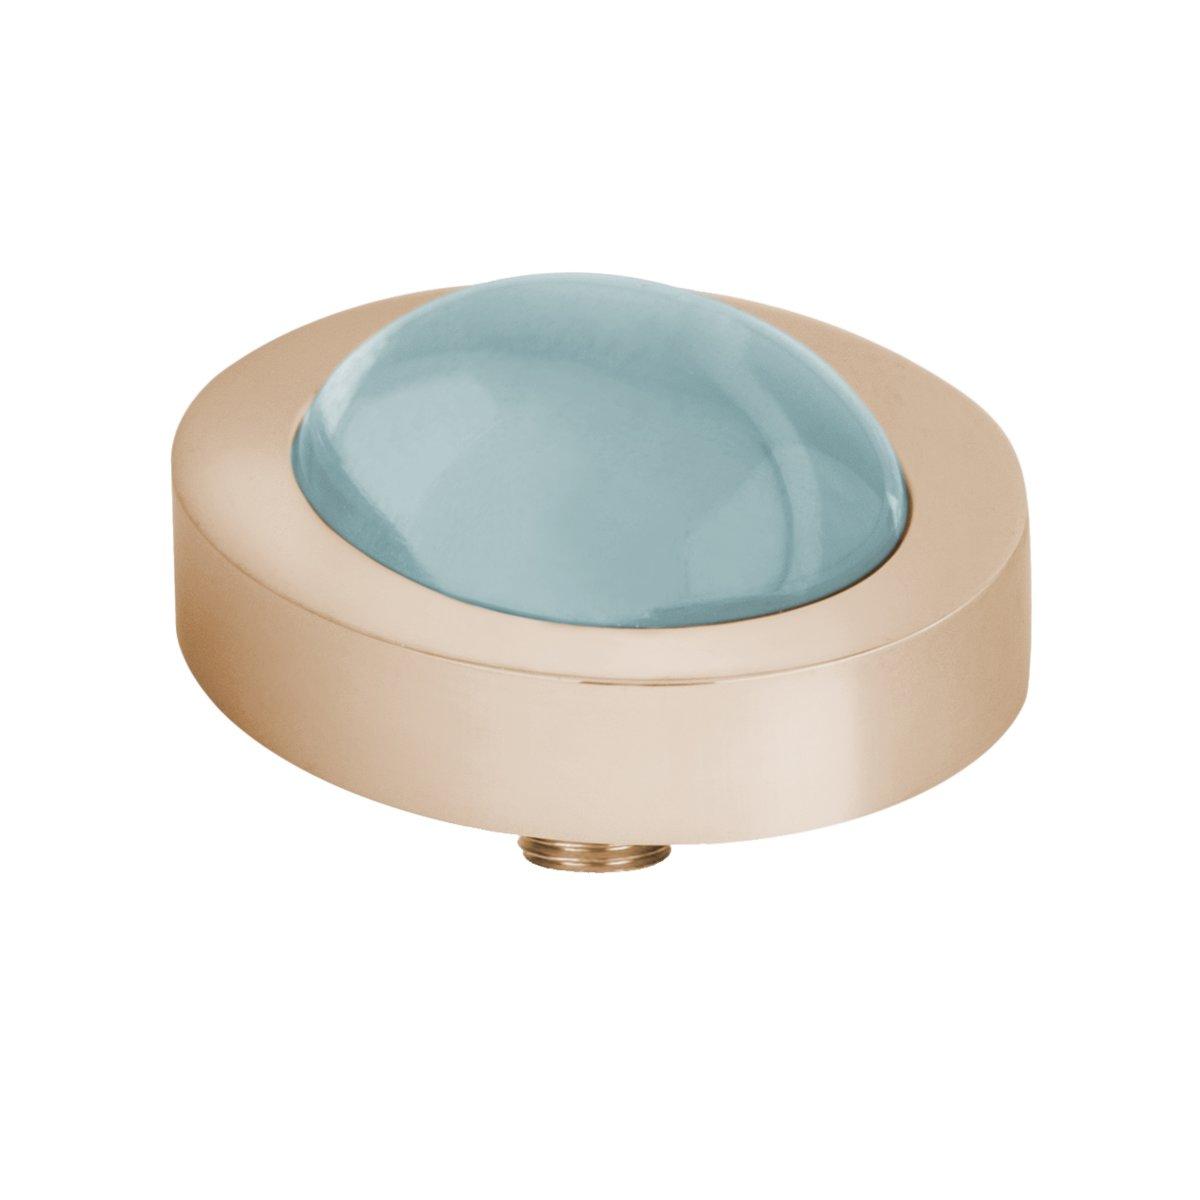 Melano vivid oval steentje - turquoise - dames - rosekleurig - 10 mm kopen